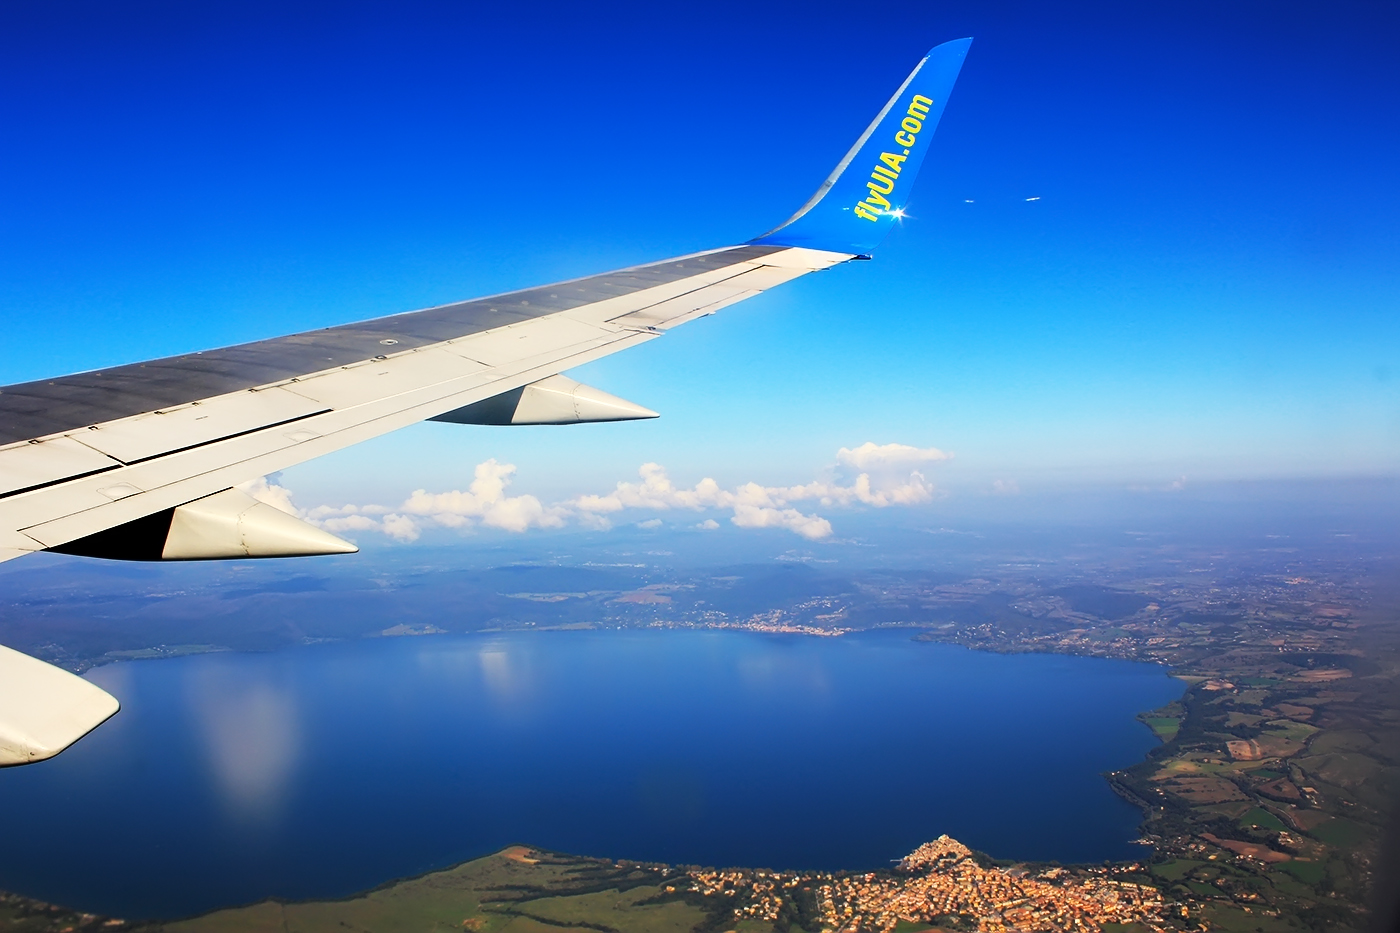 Дешевые авиабилеты от S7 Airlines Акции и спецпредложения